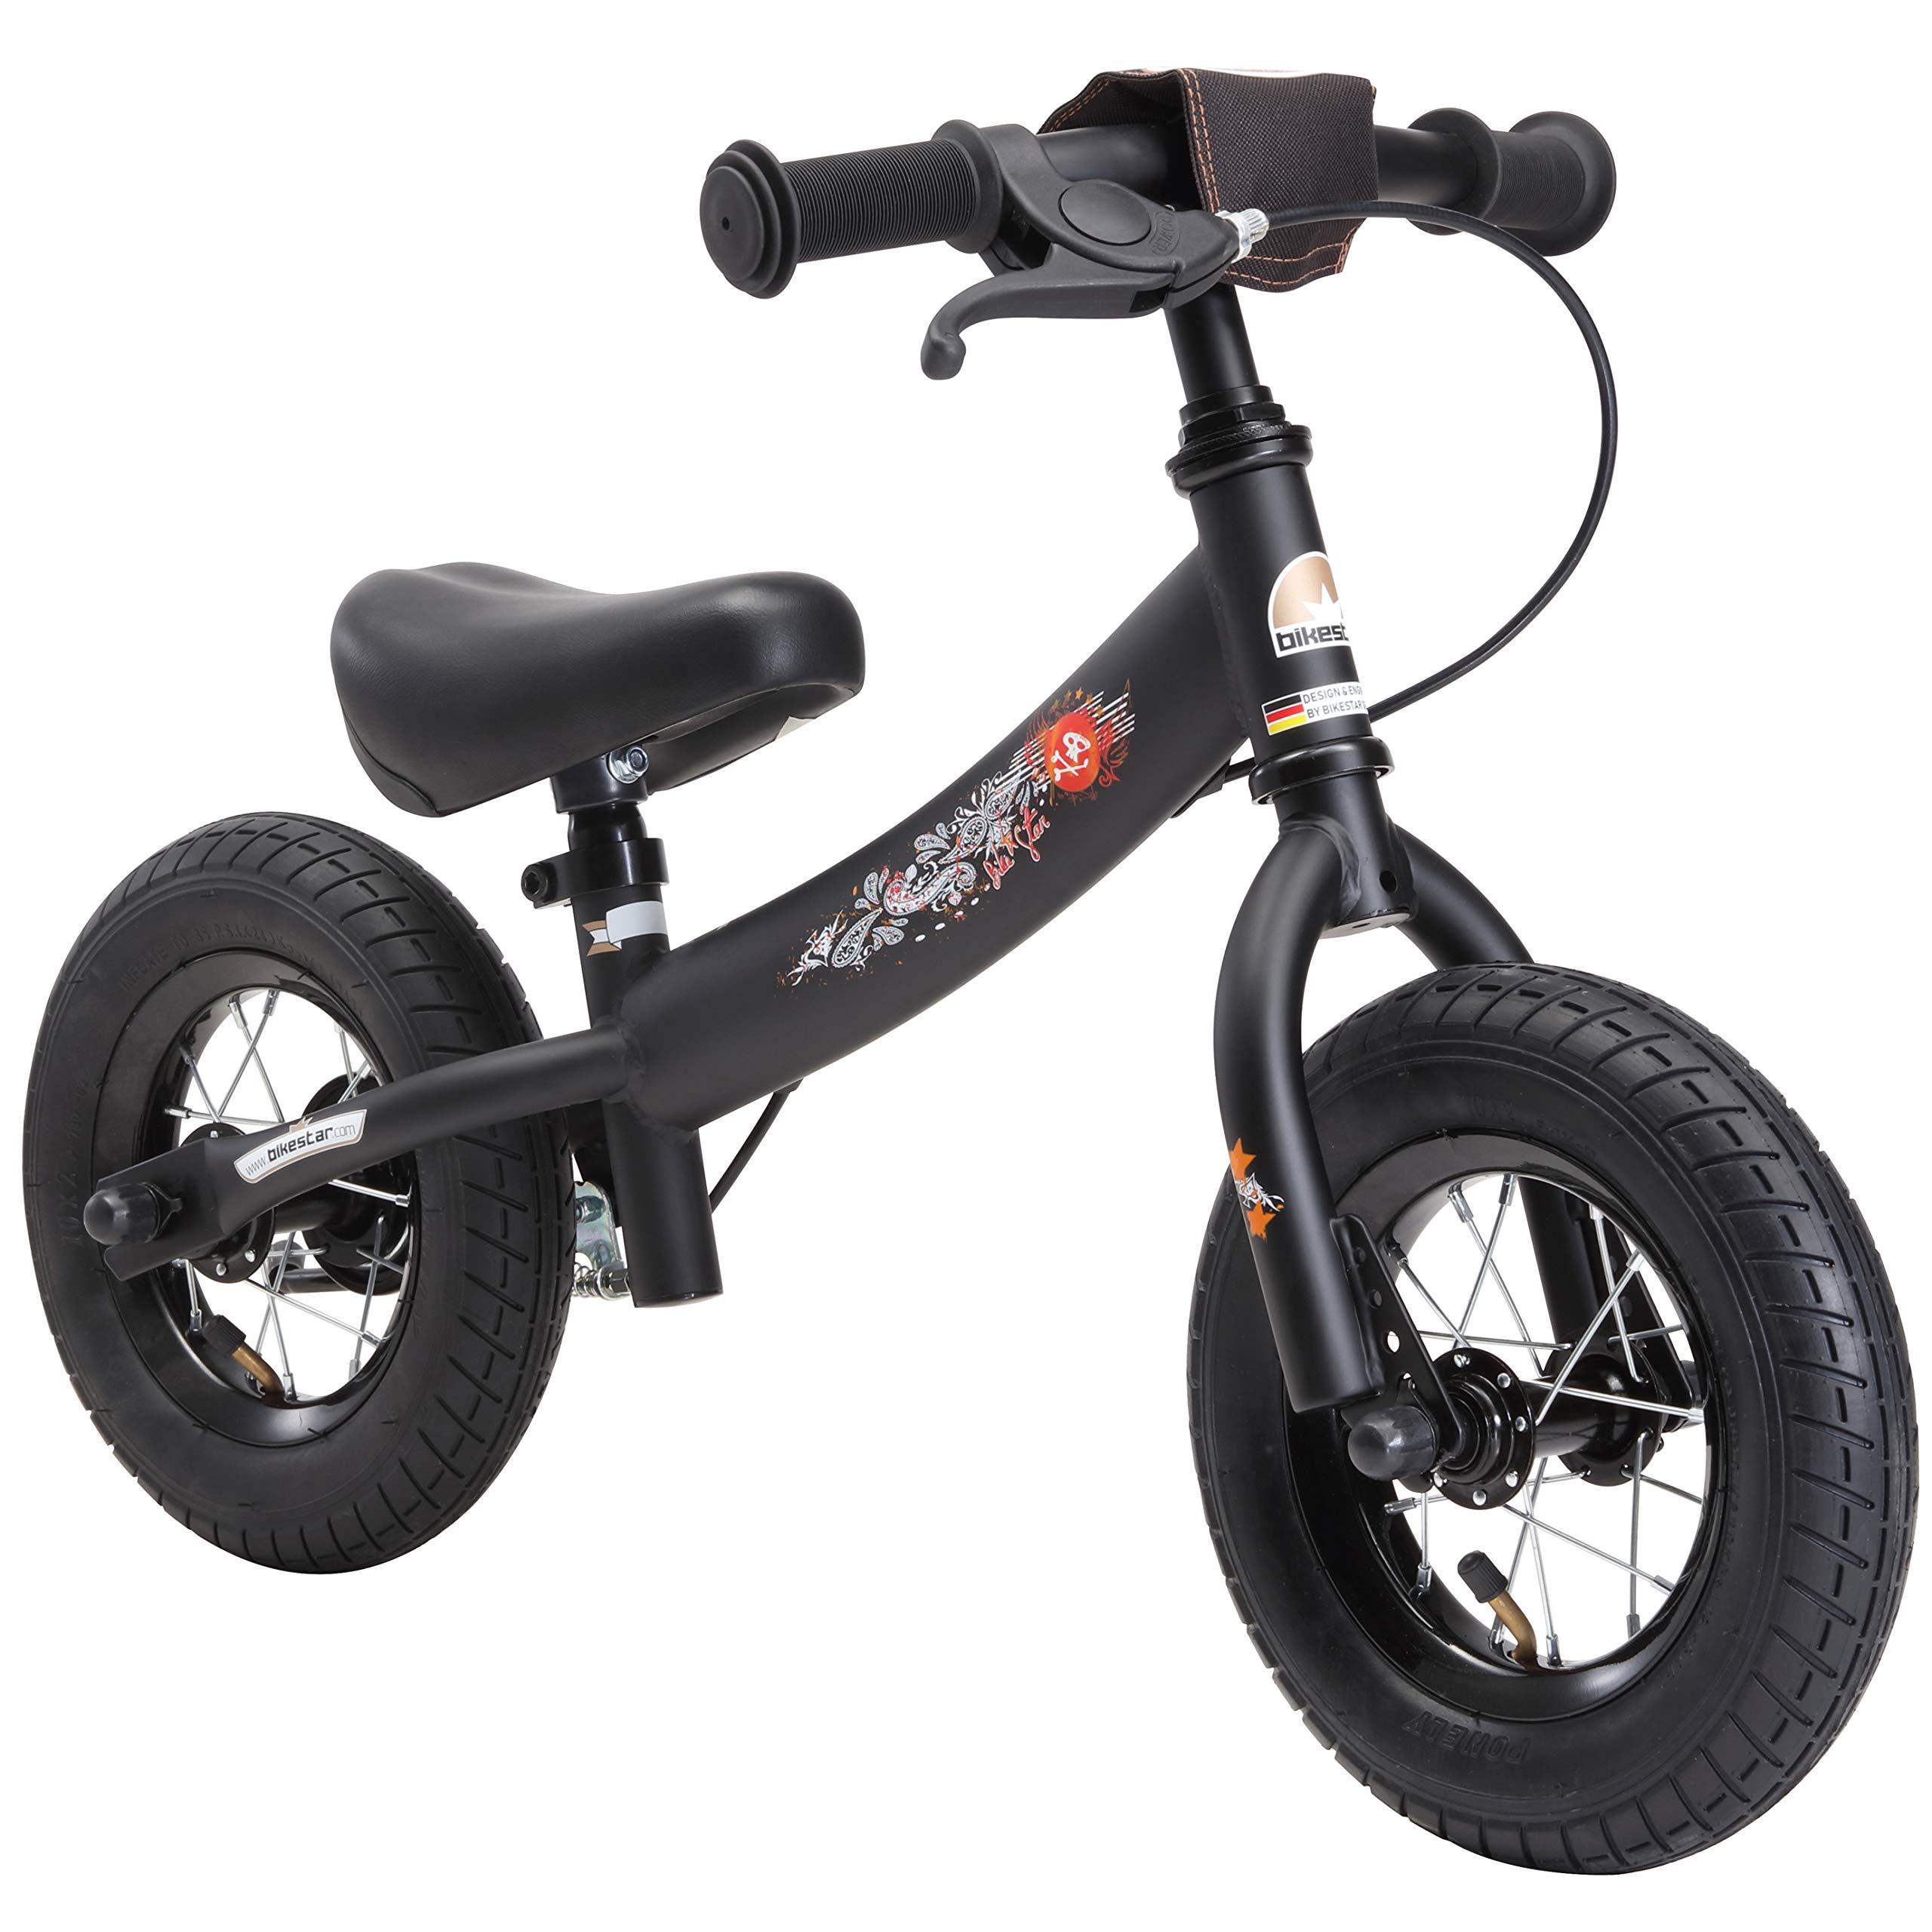 BIKESTAR Vélo Draisienne Enfants Garcons Filles de 2-3 Ans ★ Vélo sans pédales évolutive 10 Pouces Sportif ★ product image